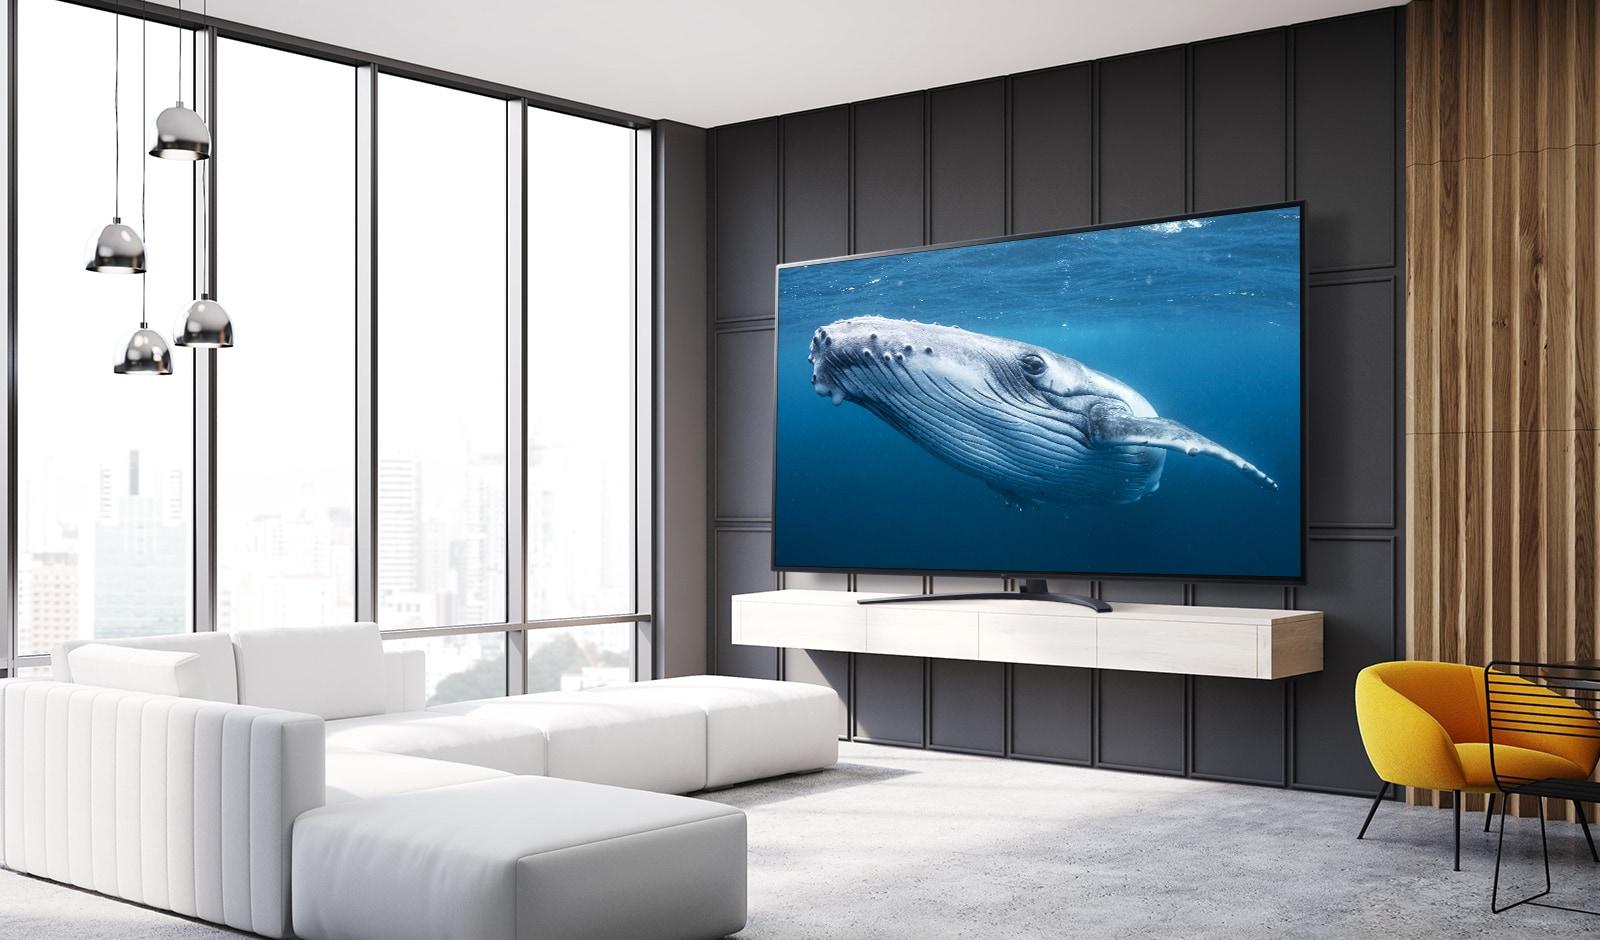 Большой экран телевизора в гостиной с изображением кита в море.